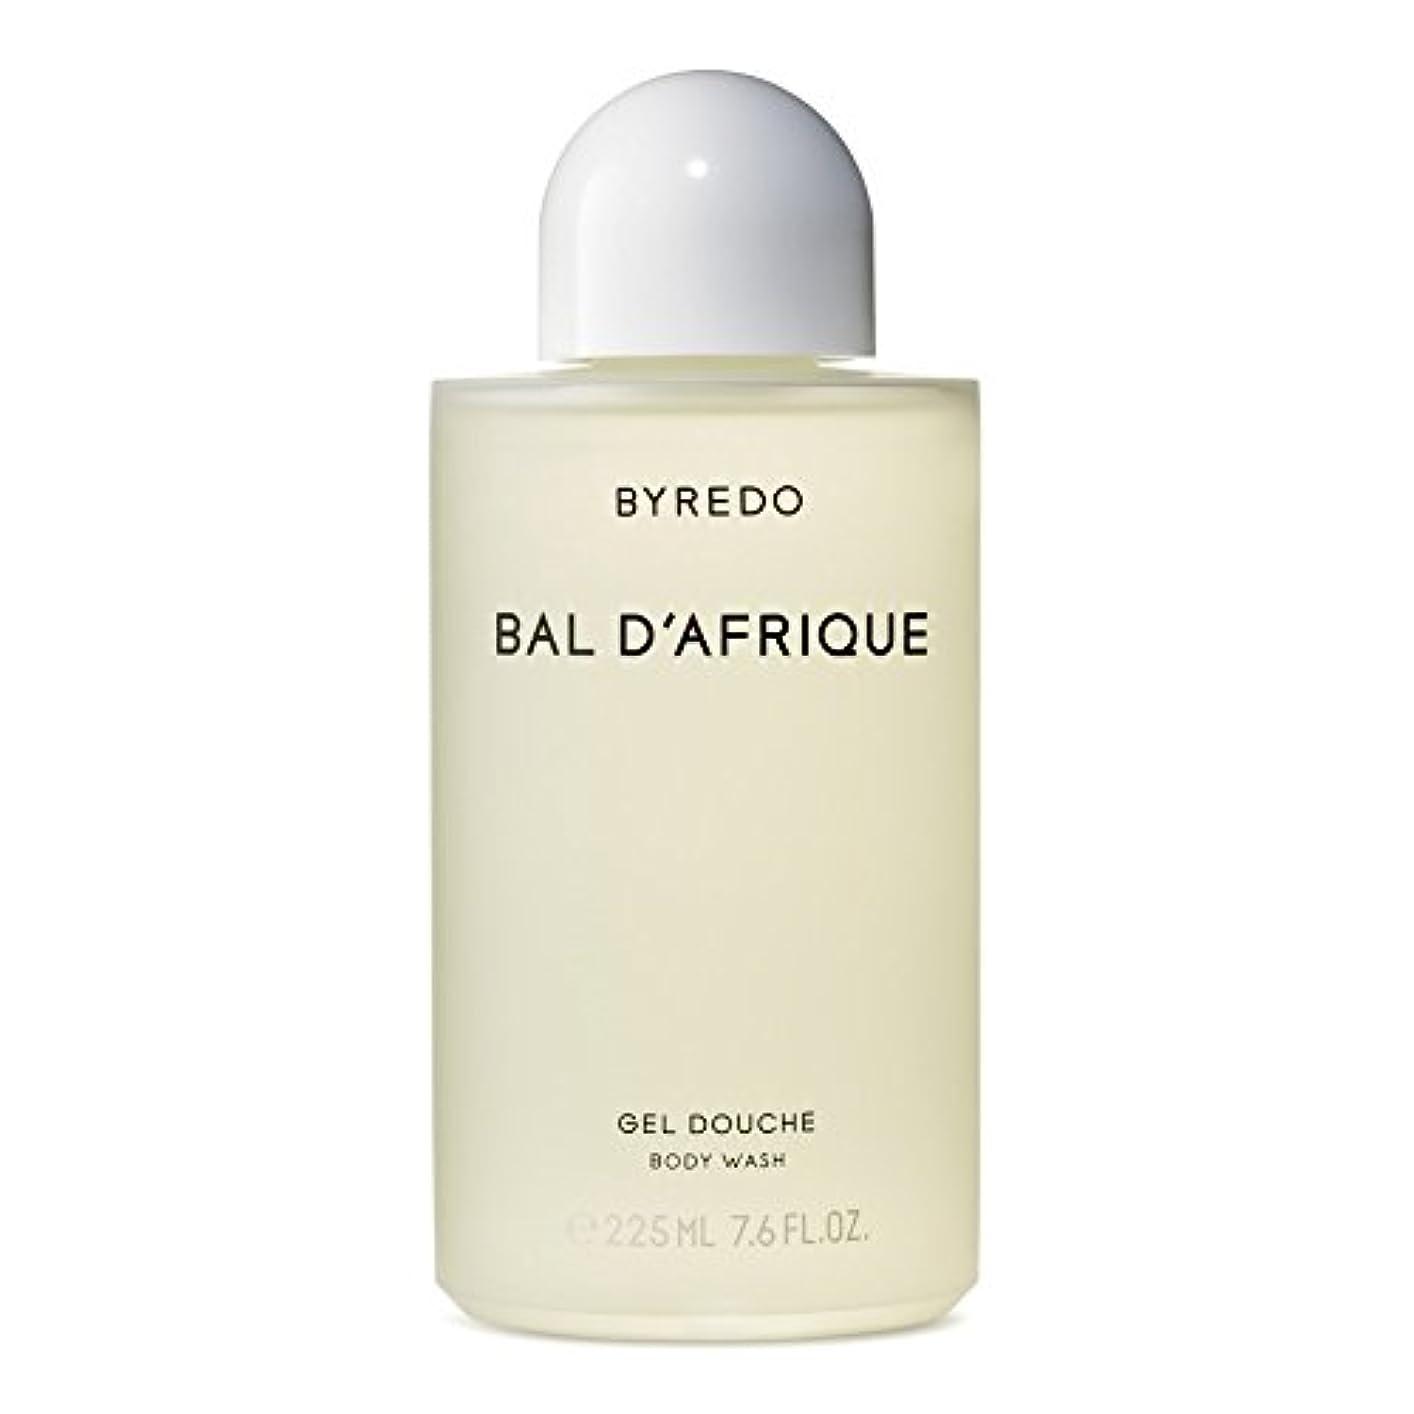 数字シネウィ乏しい'のボディウォッシュ225ミリリットル x2 - Byredo Bal d'Afrique Body Wash 225ml (Pack of 2) [並行輸入品]